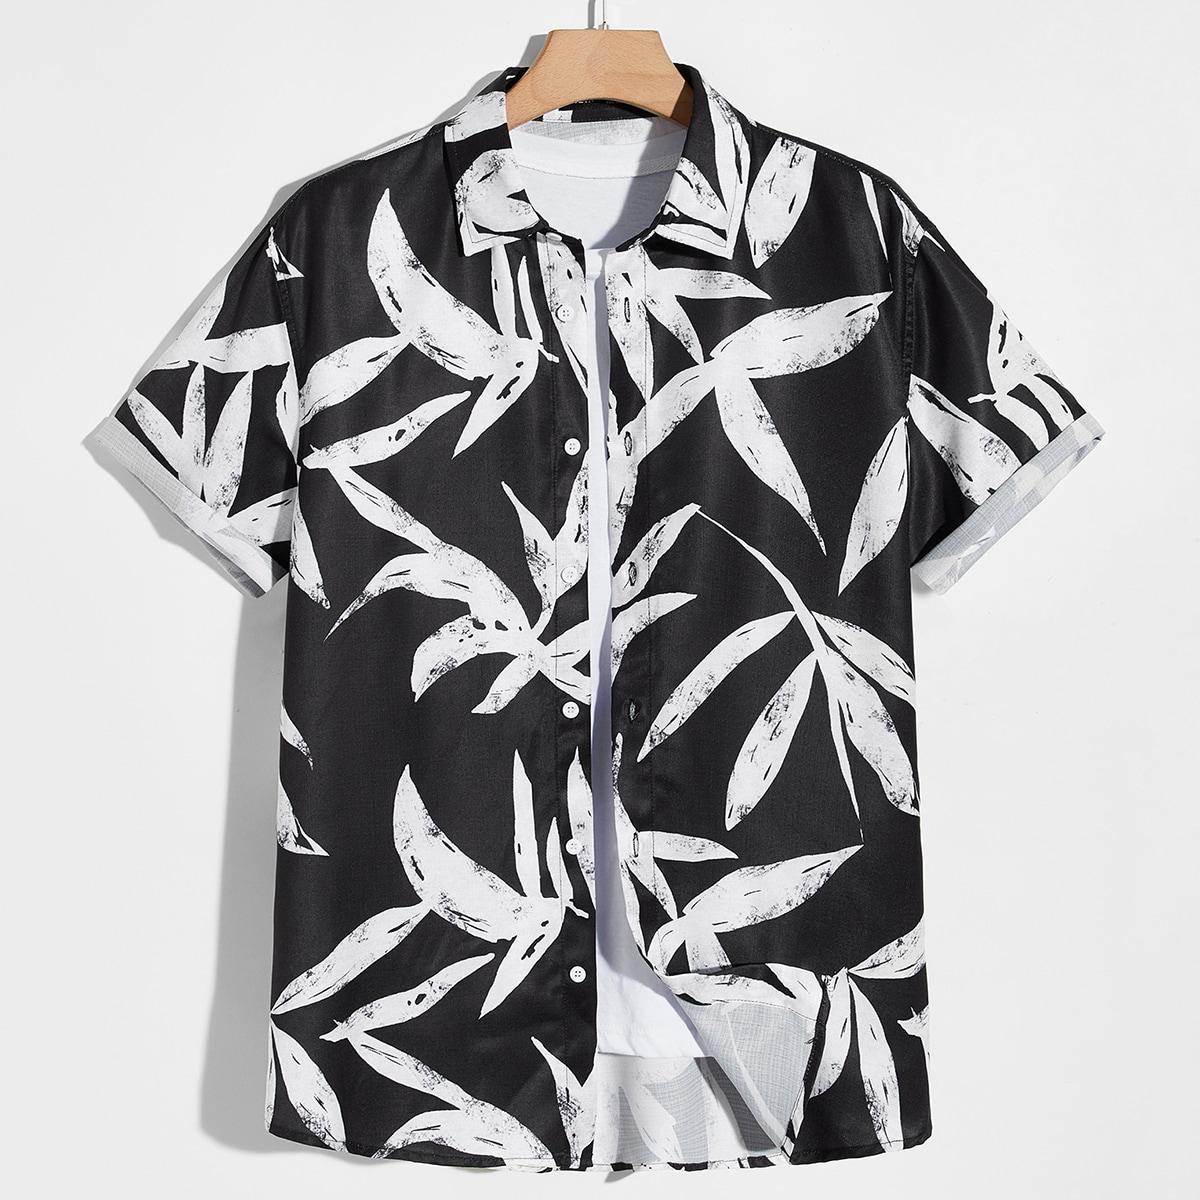 Мужской Рубашка с принтом листьев с закатывающимися рукавами на пуговицах SheIn smshirt07210612769